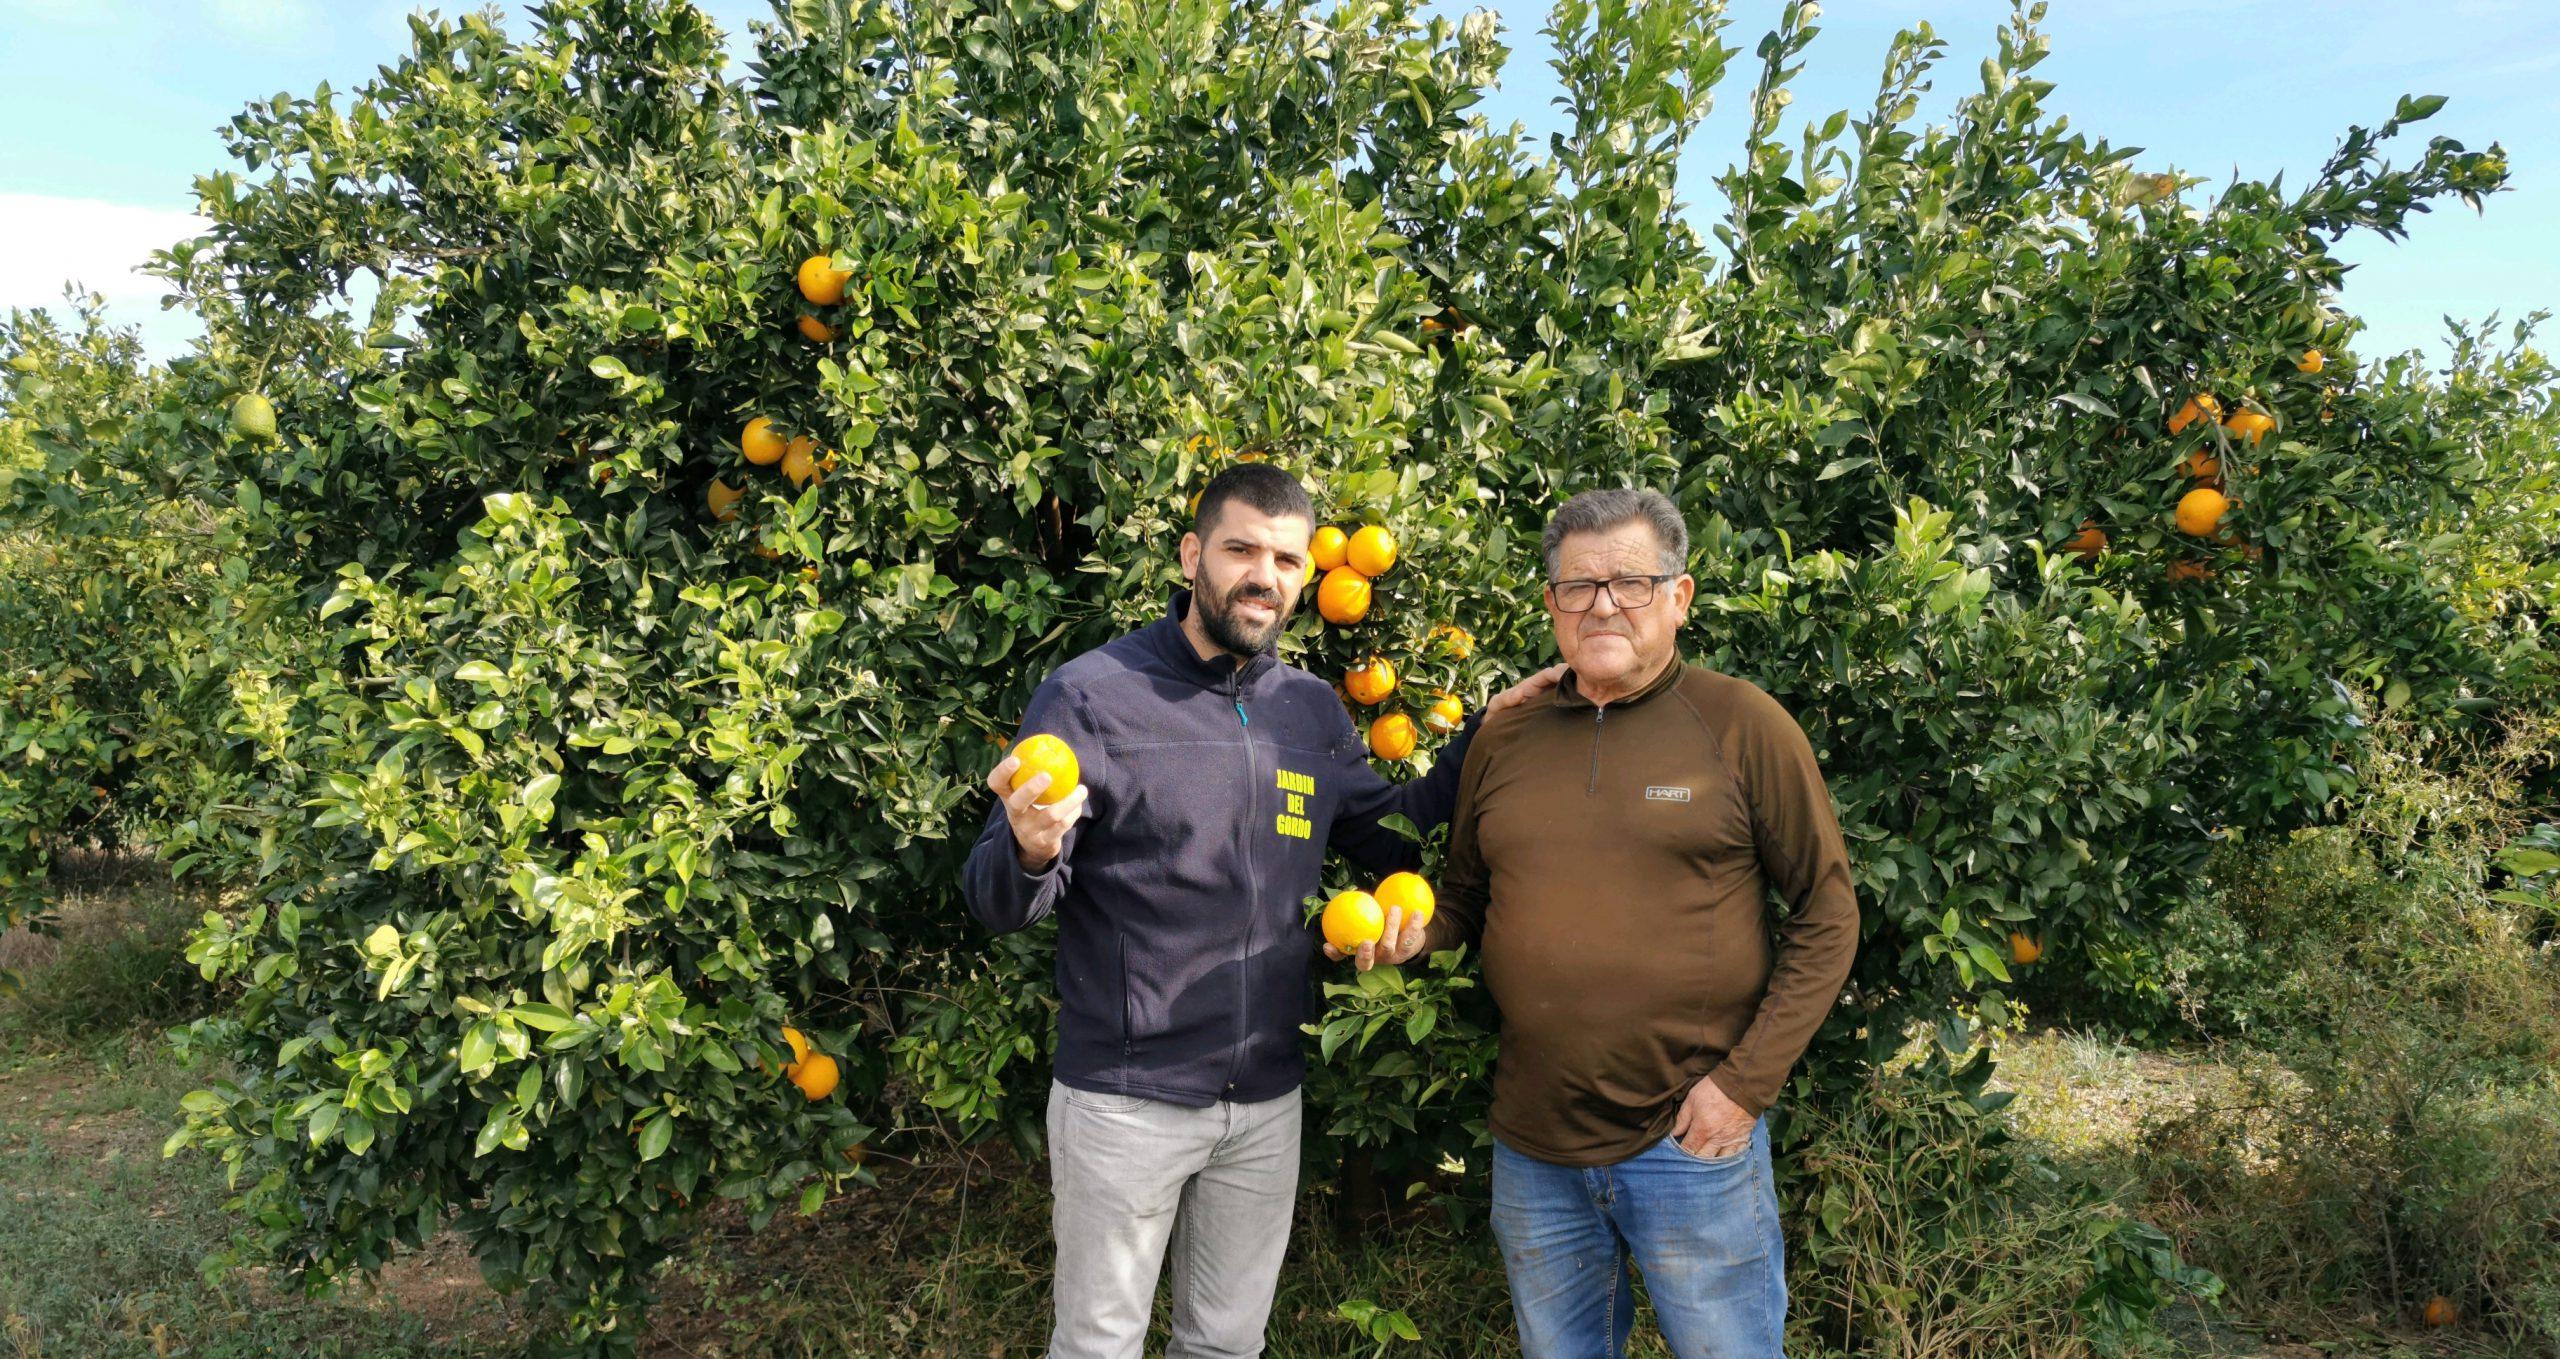 Farmer Sergio Muñoz and his father posing in front of his orange farm